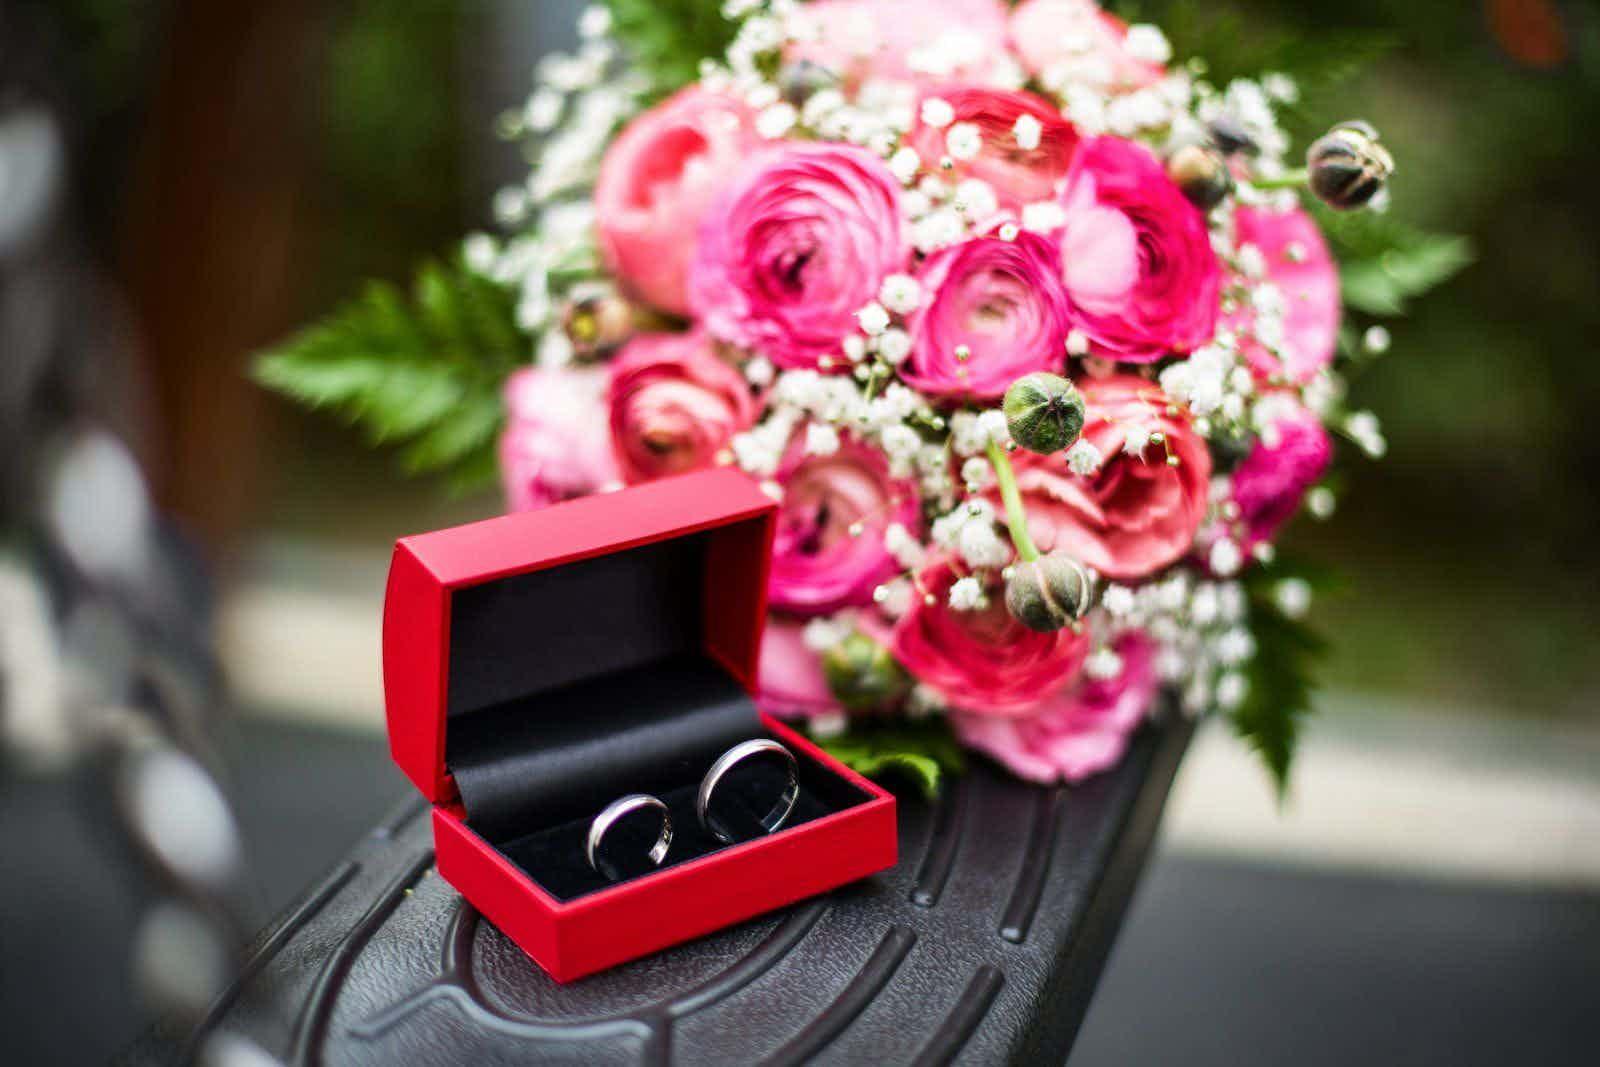 trouwen-fotograaf-deco.jpg